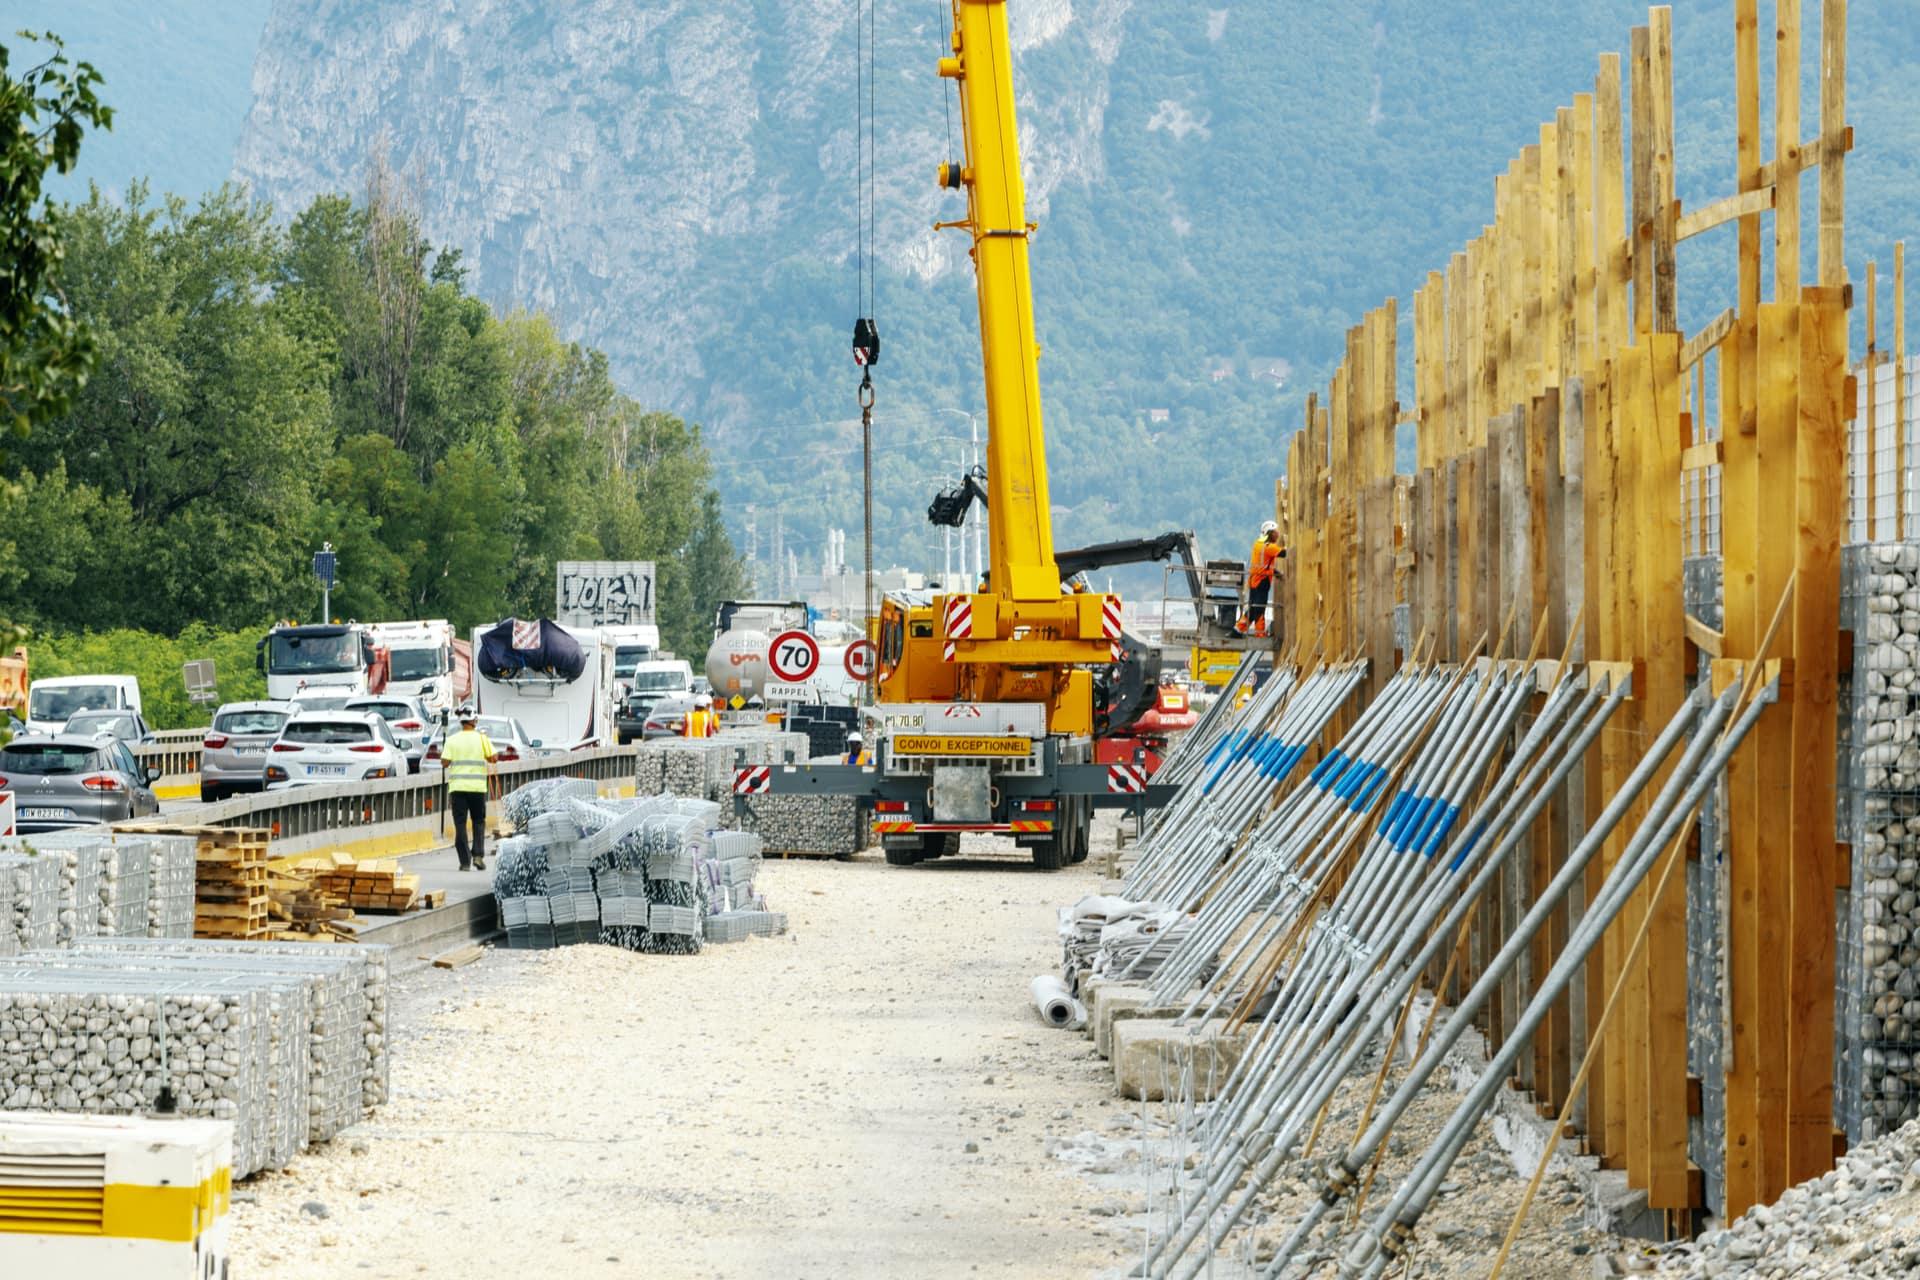 le long de l'A480, construction d'un écran acoustique nouvelle génération au quartier Mistral de Grenoble.